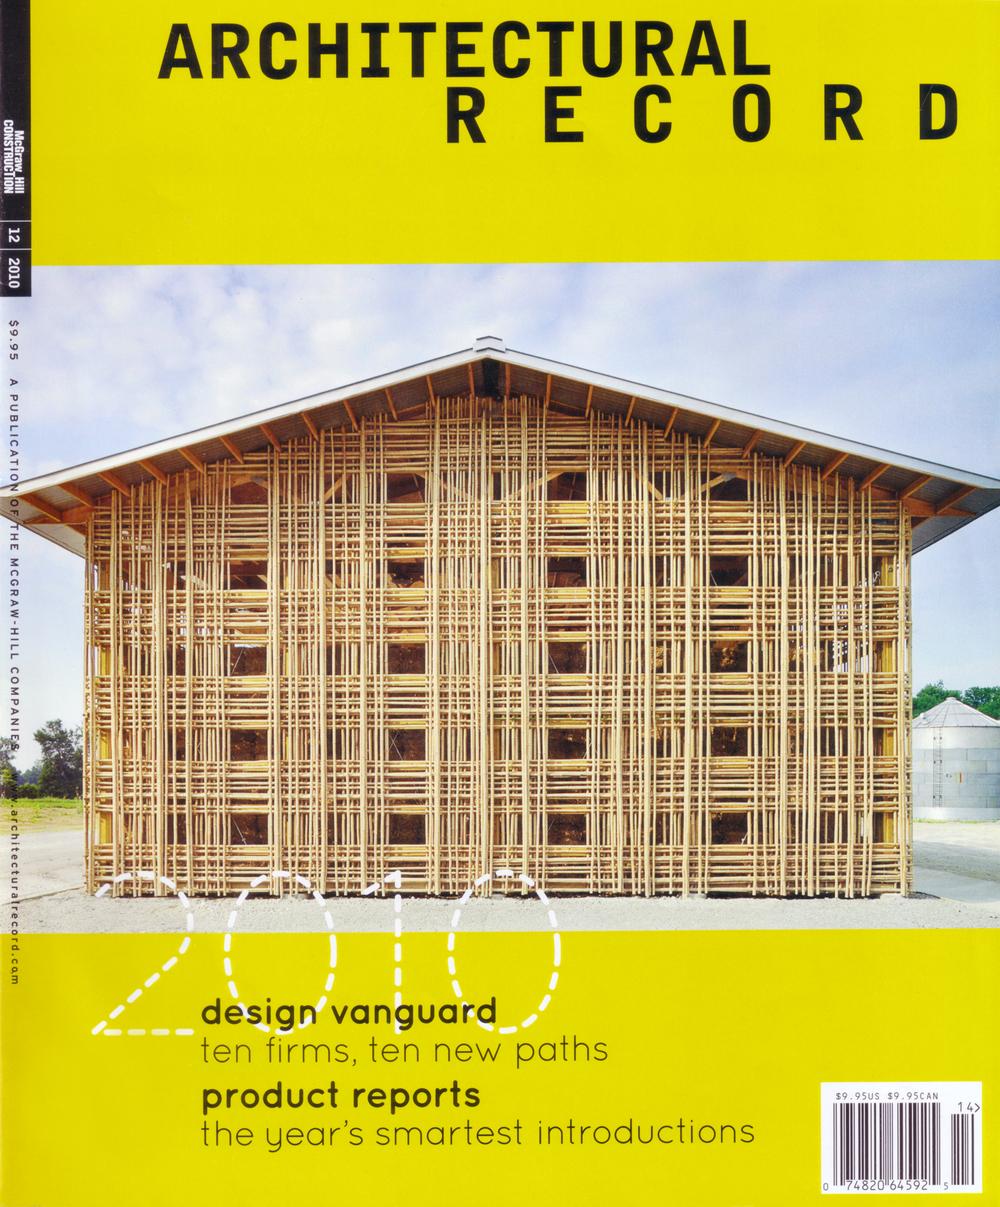 ARCHITECTURAL RECORD  12/10